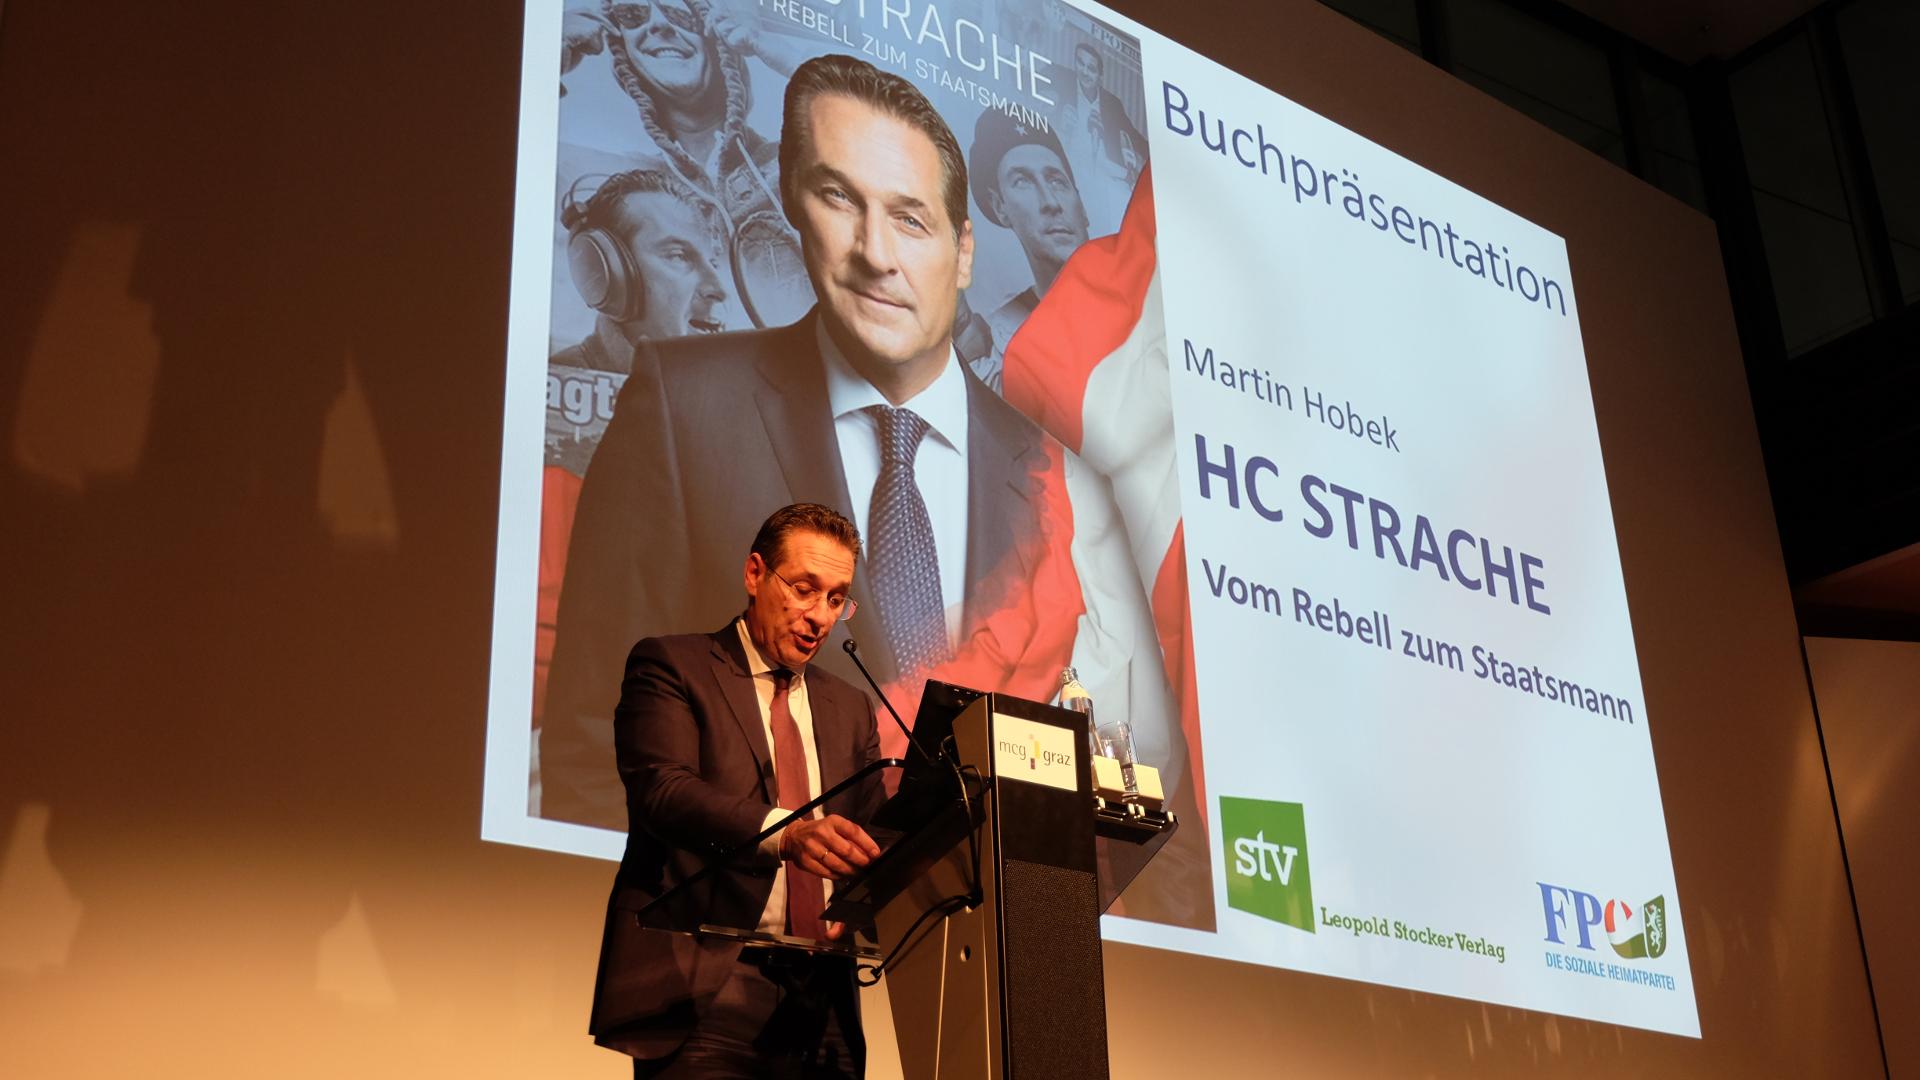 HC Strache-Podium.Graz-Biographie-Präsentation